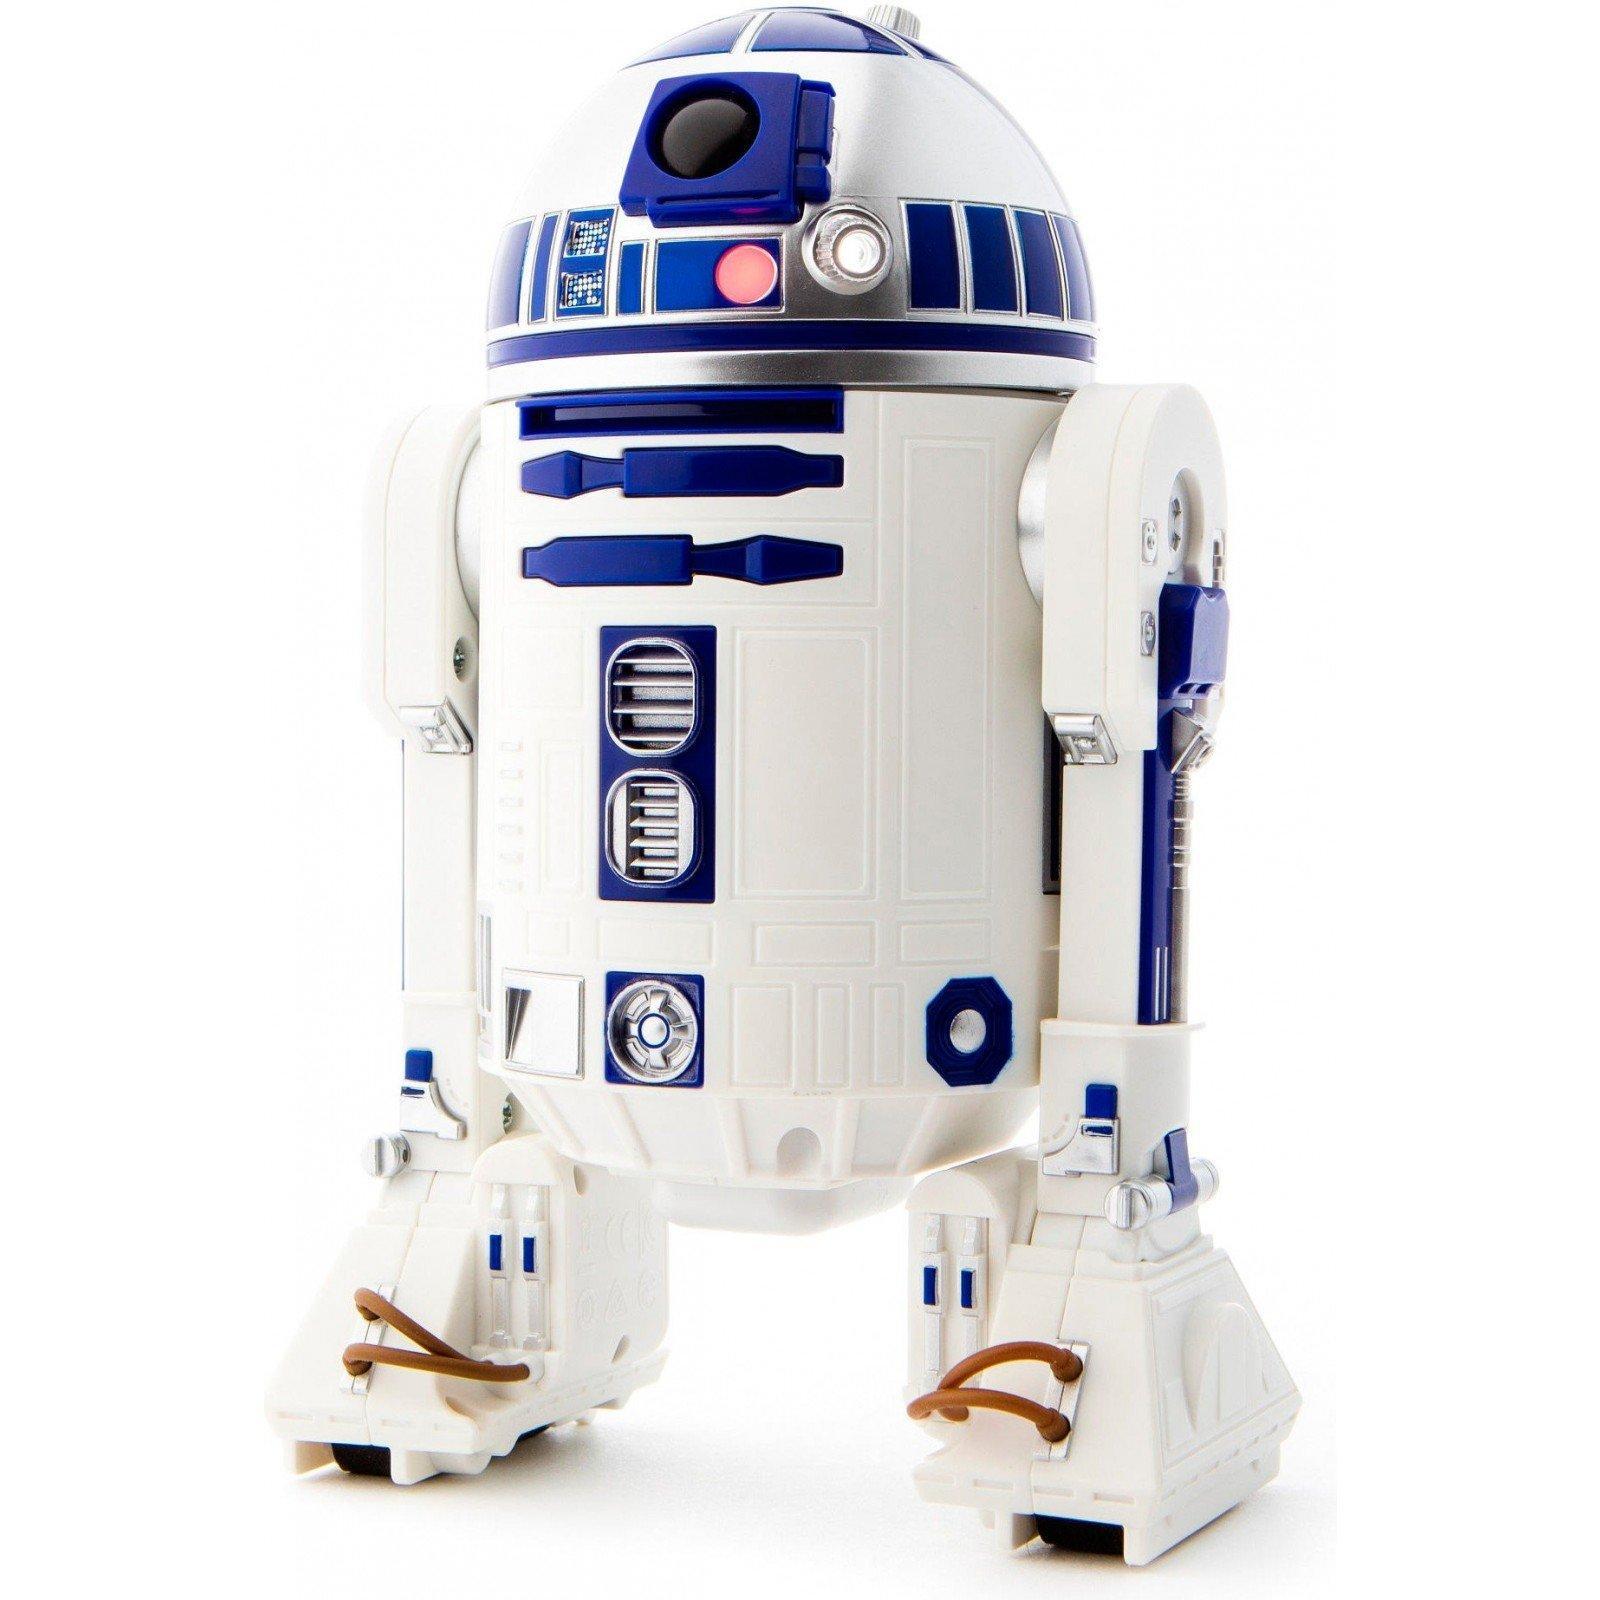 Робот Sphero R2-D2 (322658)